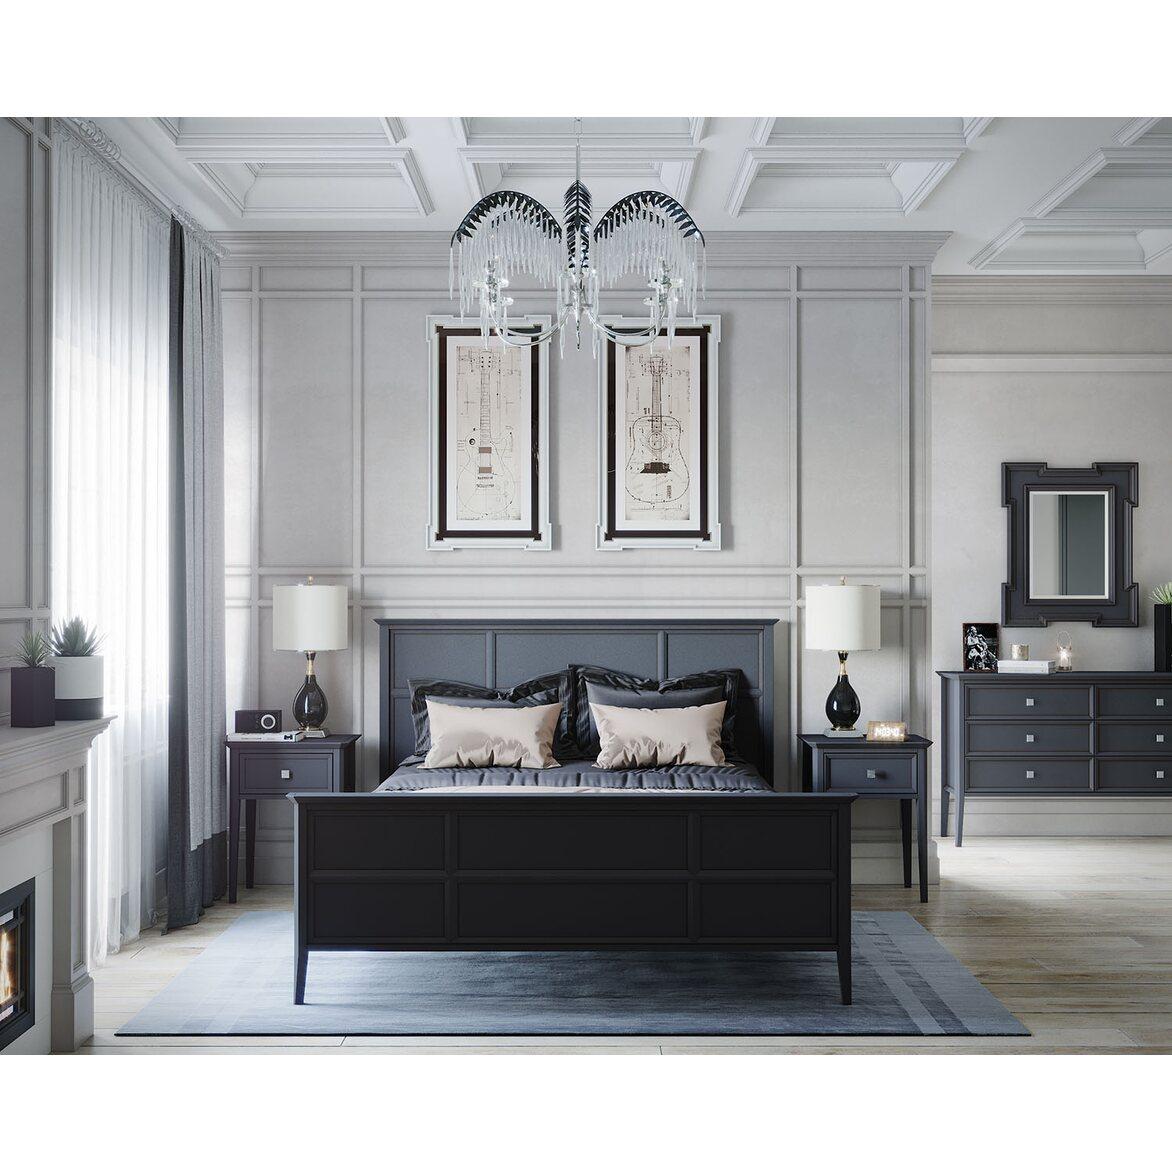 Письменный стол с 3-я ящиками Ellington, черный 6 | Письменные столы Kingsby